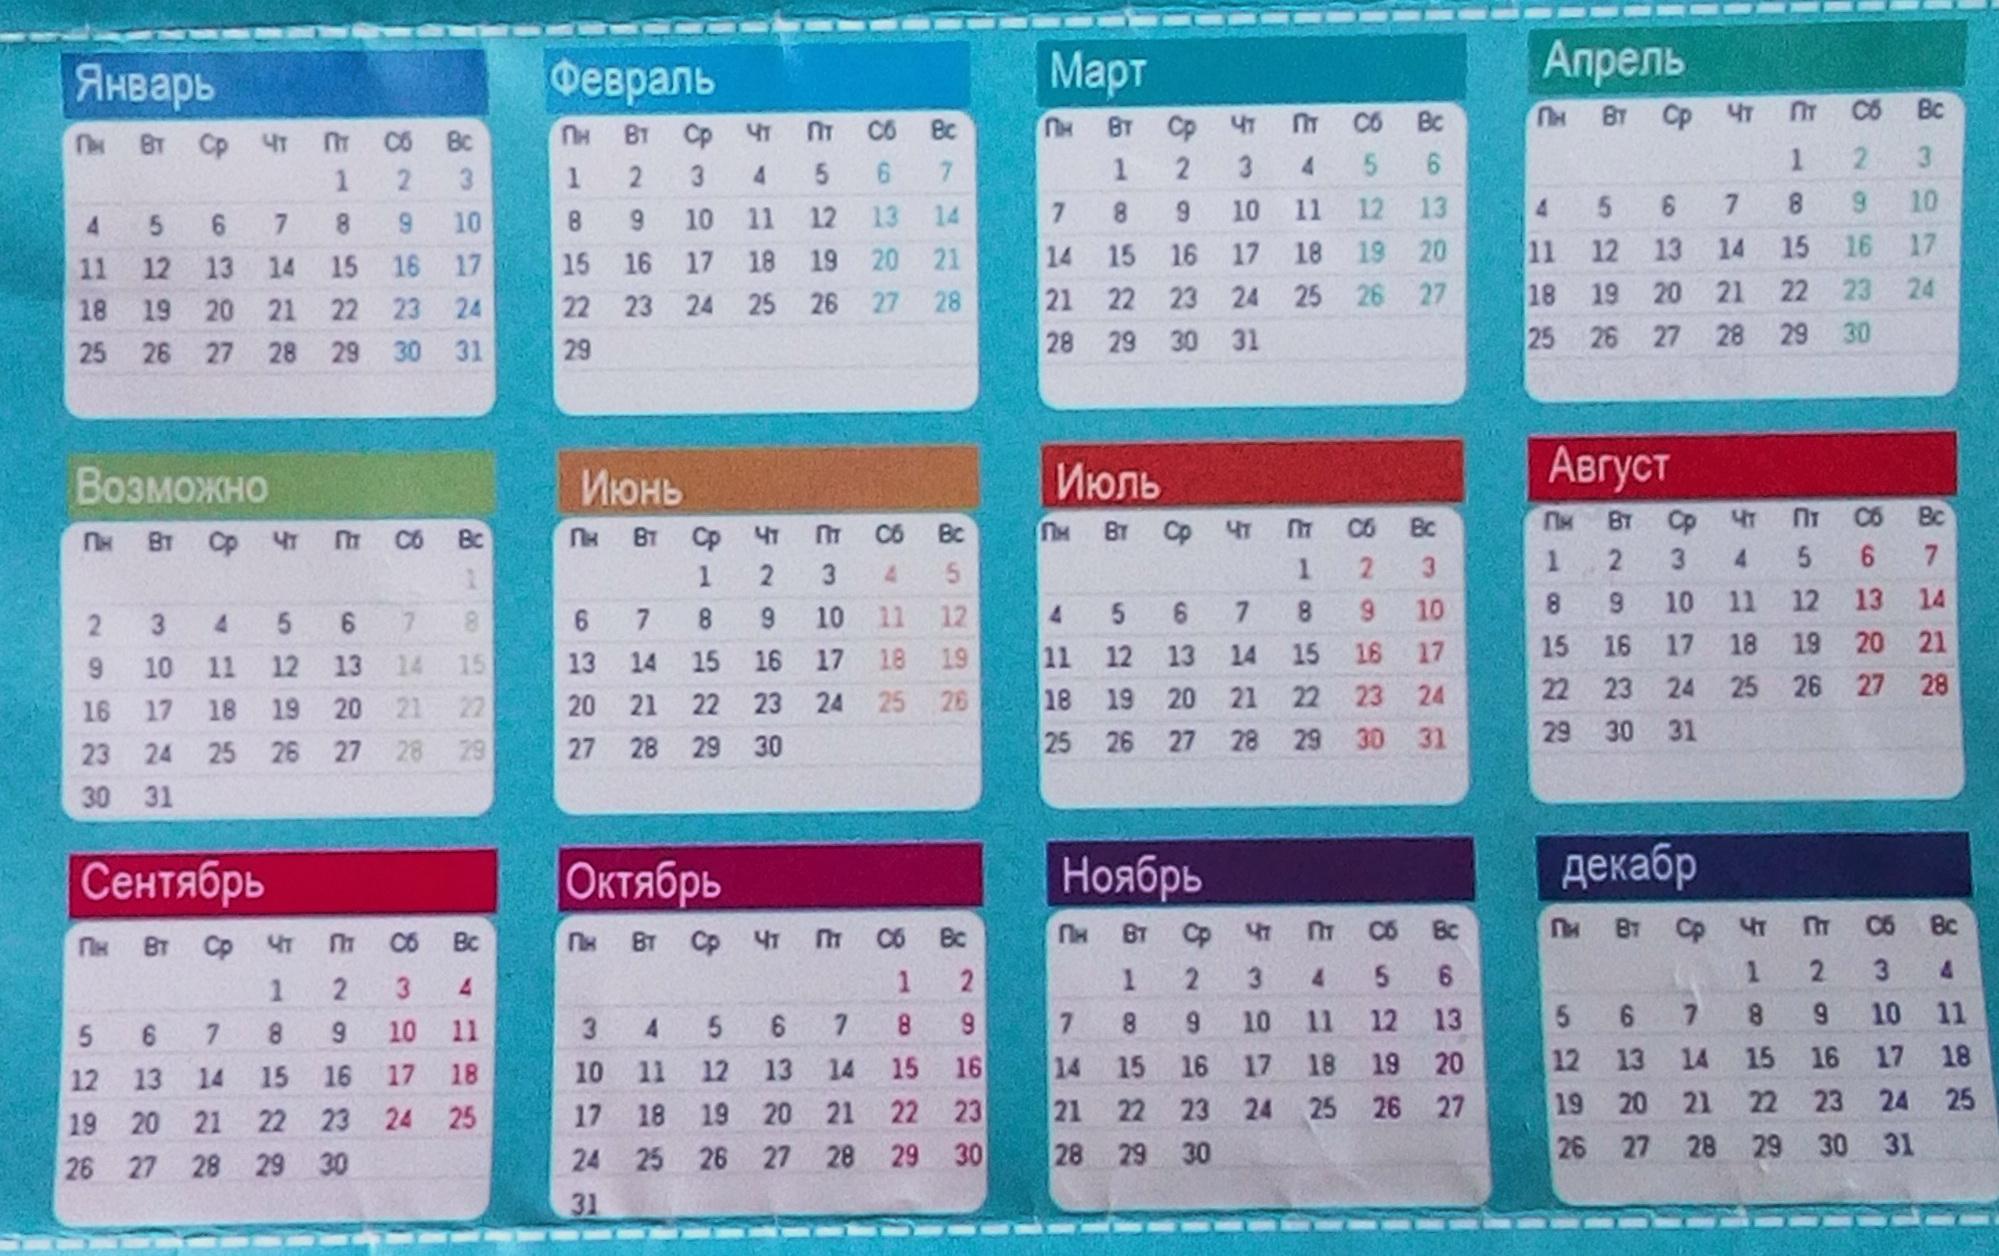 Календарь — копия